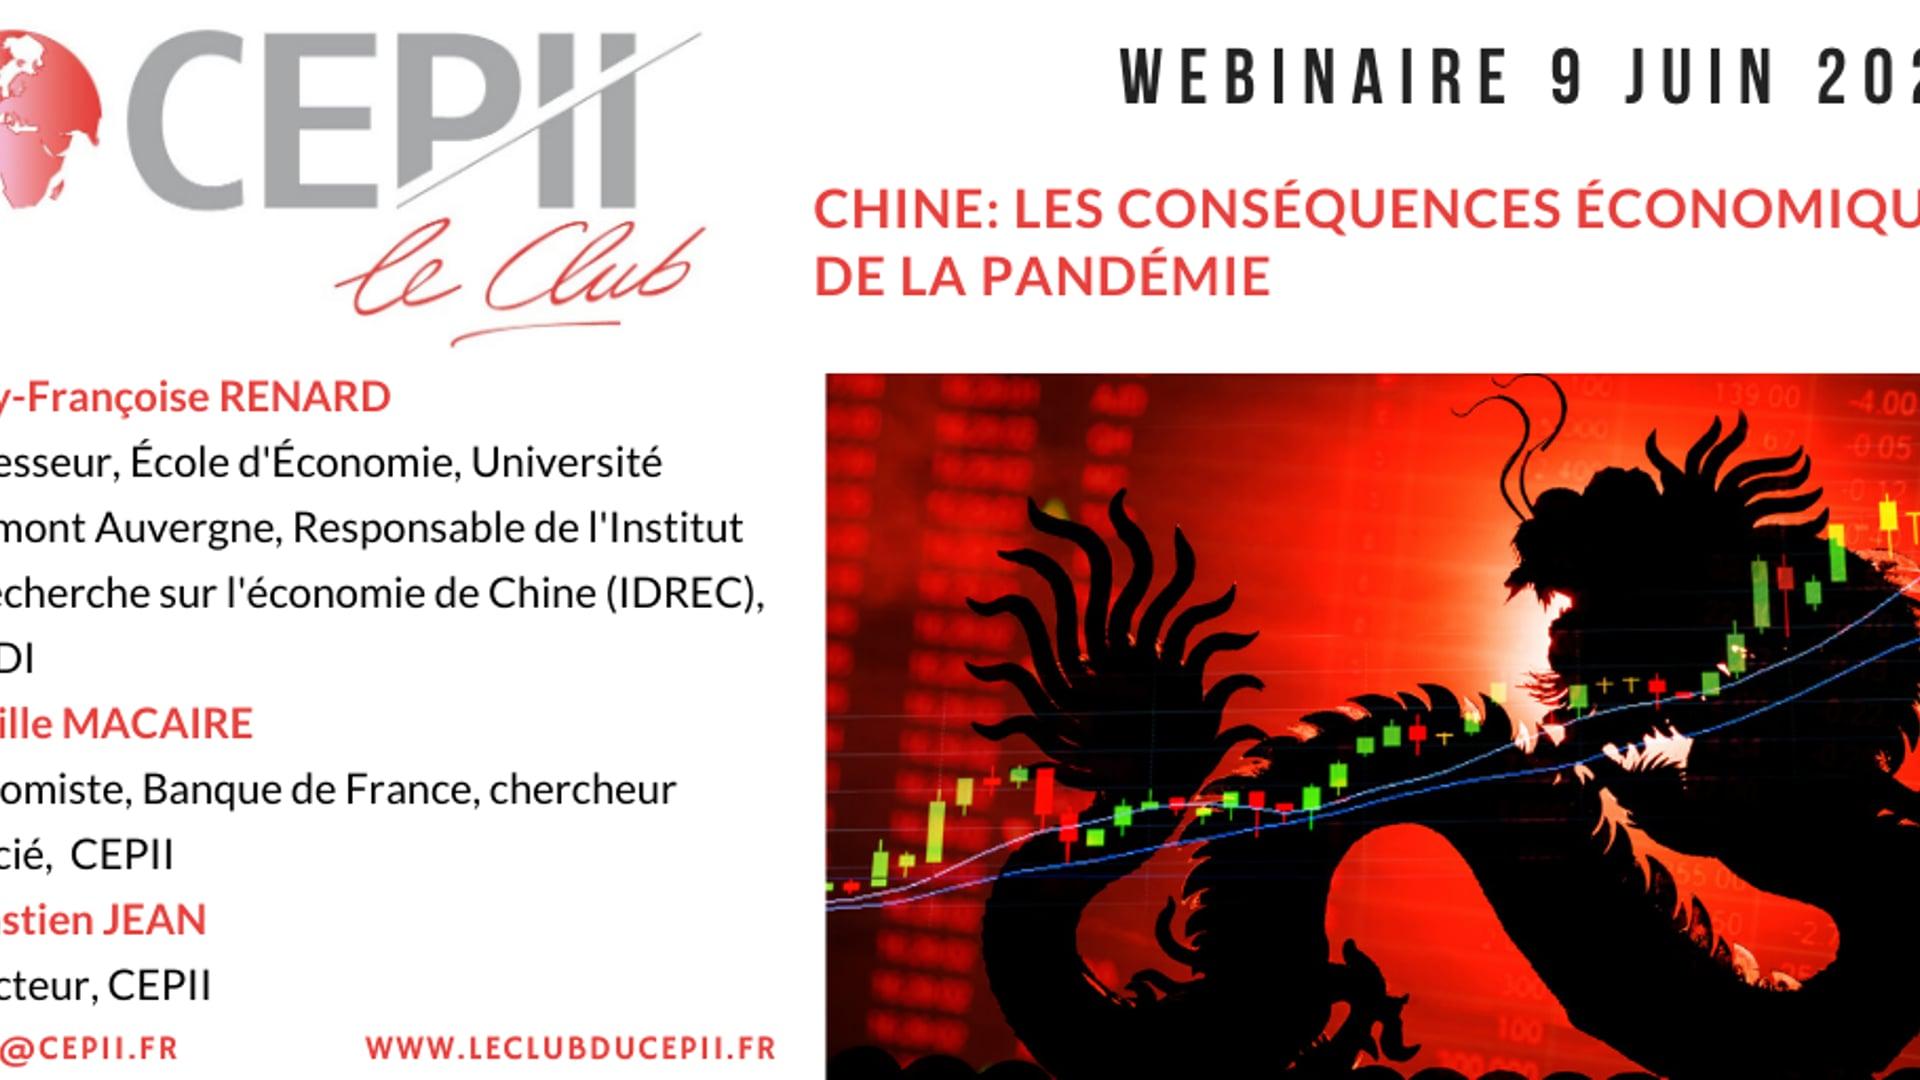 Chine : les conséquences économiques de la pandémie